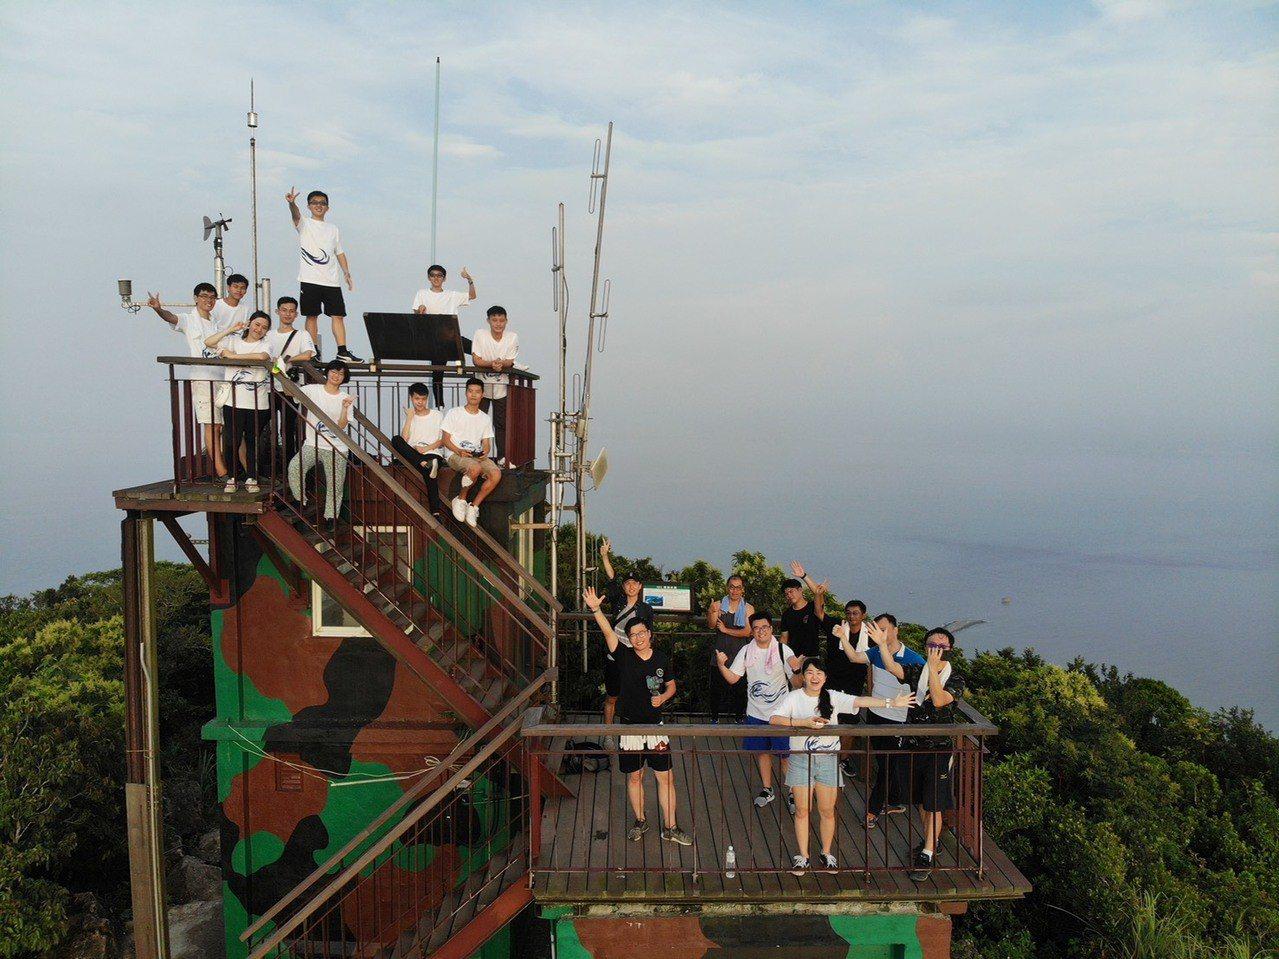 海巡署北部分署舉辦海洋體驗營,帶領學員搭乘海巡艇體驗北方三島海域風光,並登上彭佳...